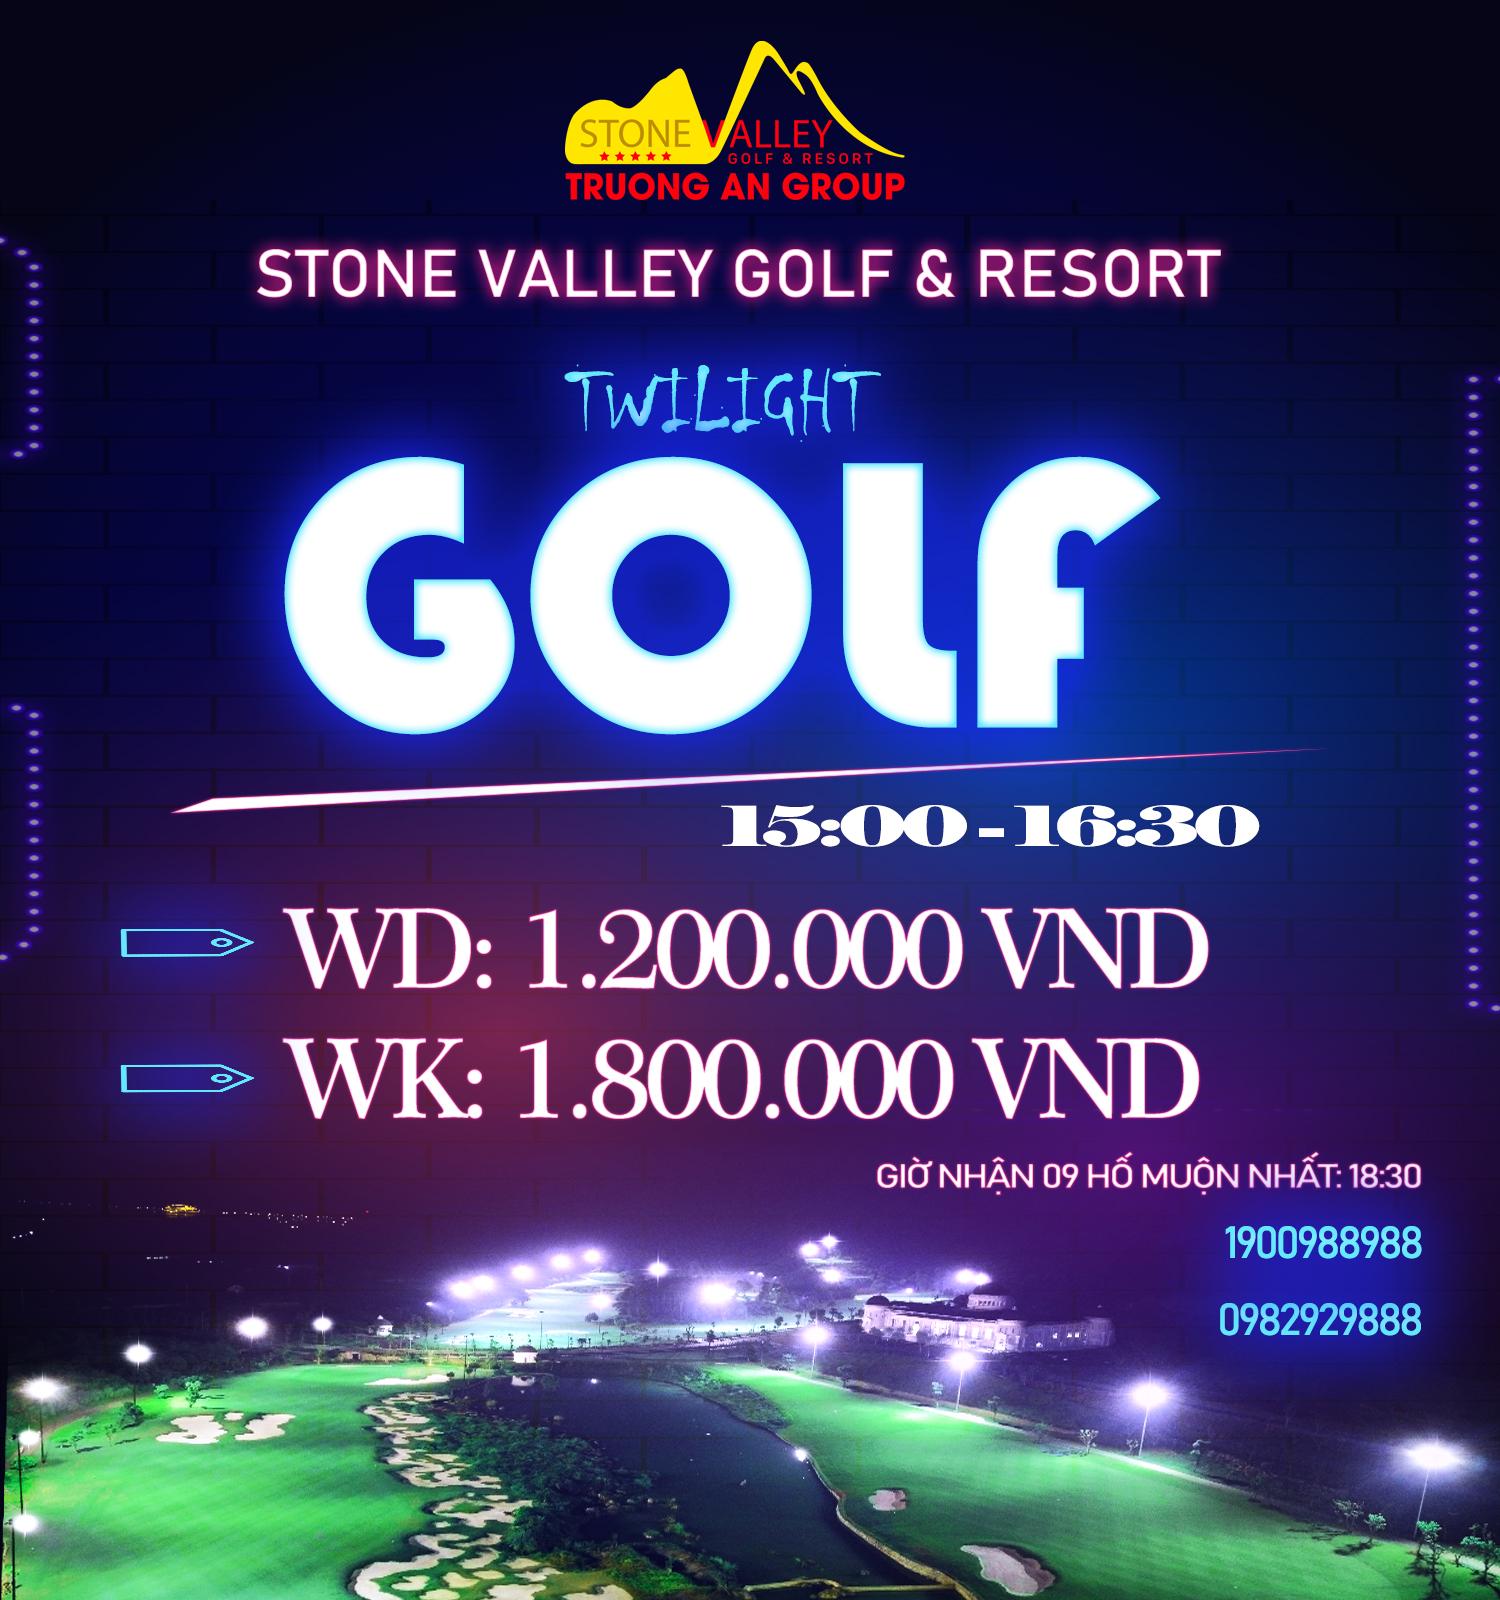 Stone Valley mở cửa đánh đèn đêm